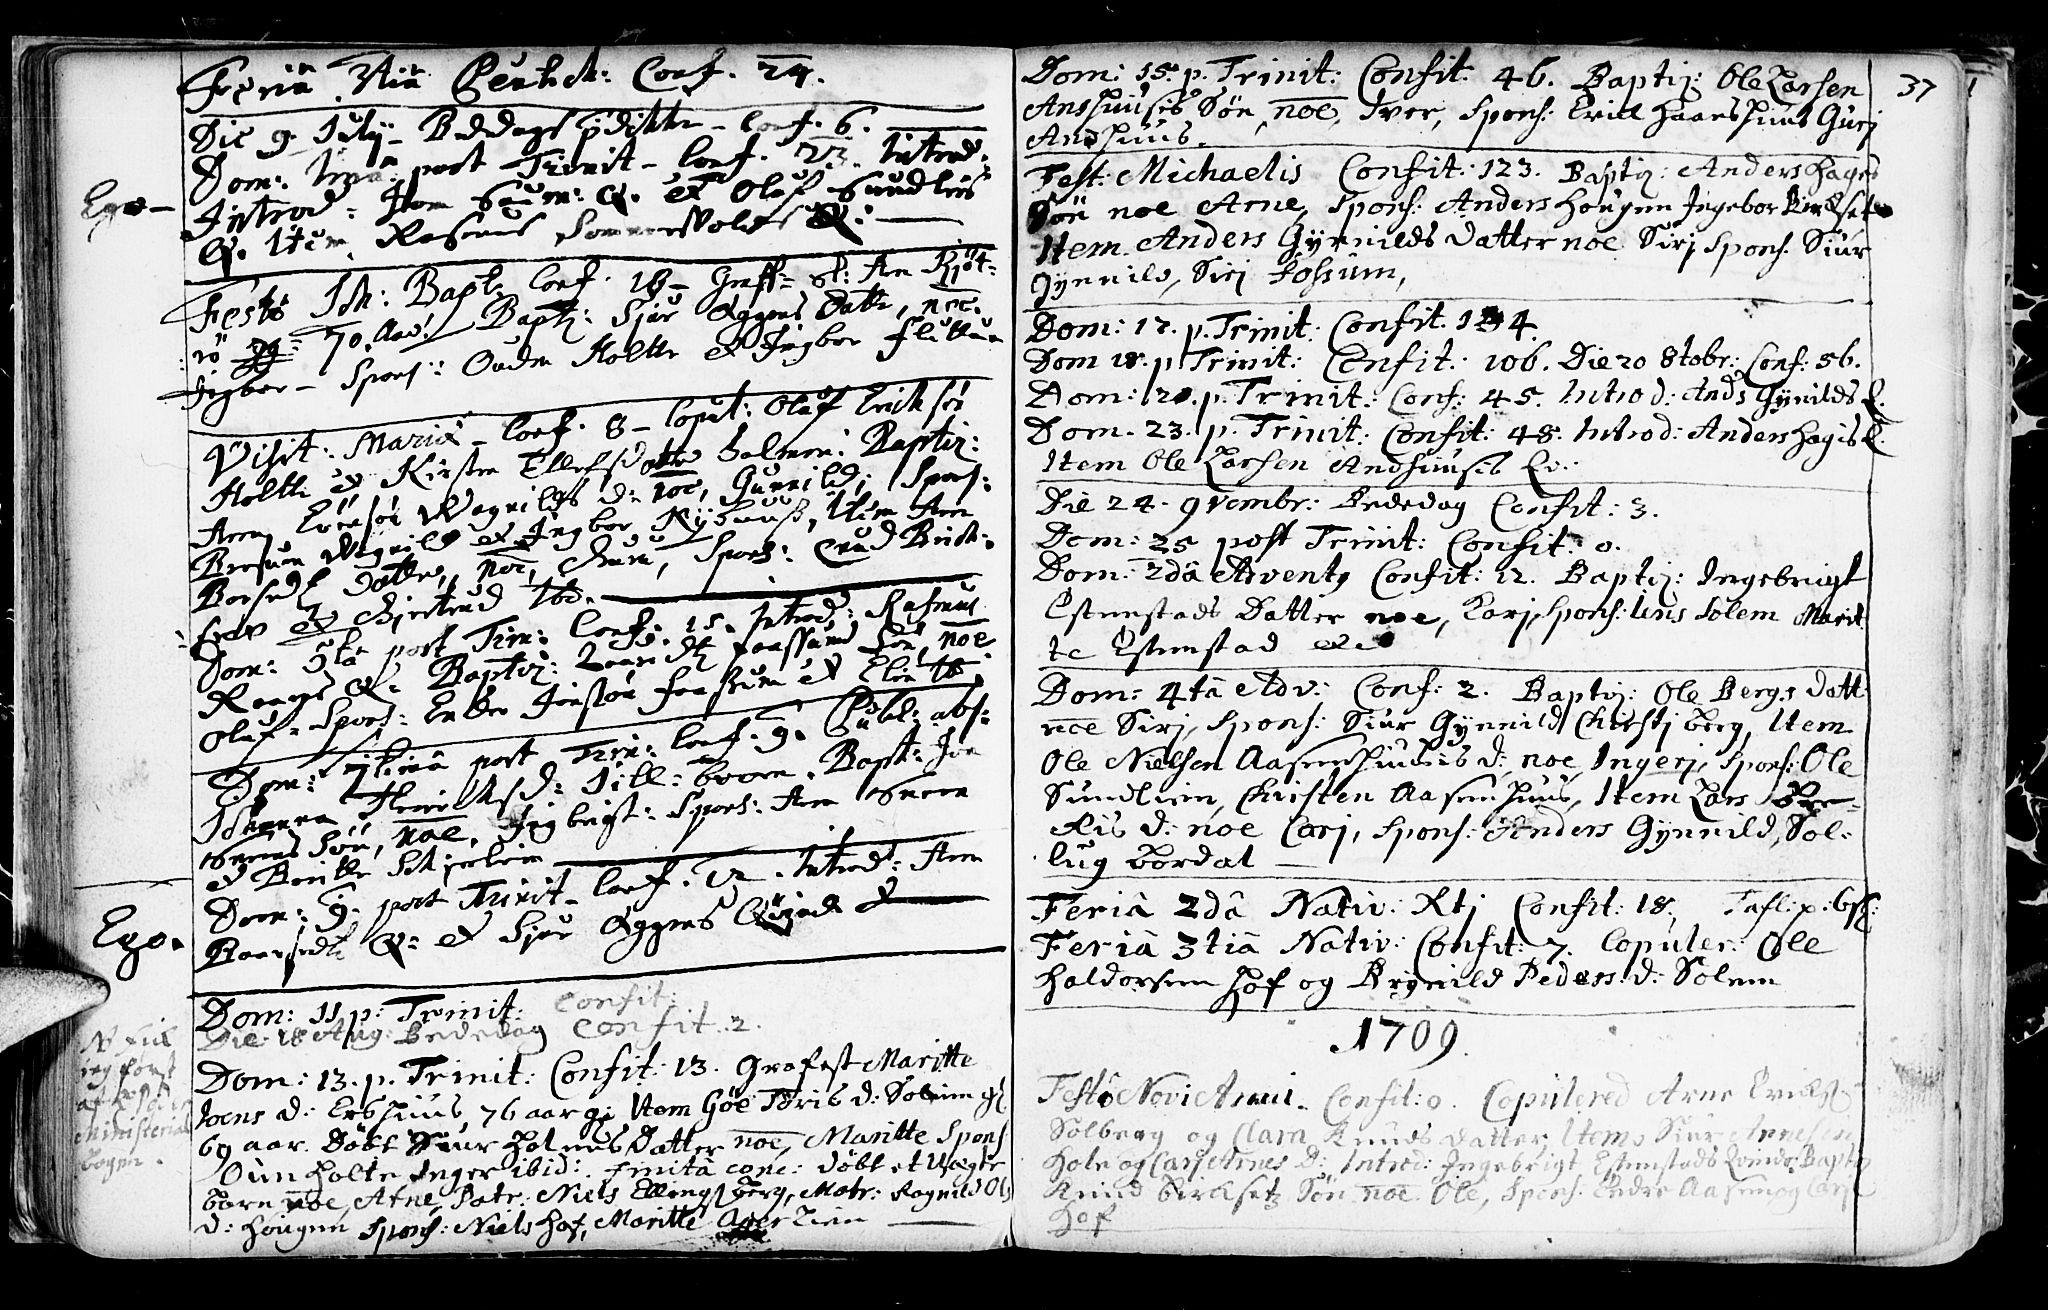 SAT, Ministerialprotokoller, klokkerbøker og fødselsregistre - Sør-Trøndelag, 689/L1036: Ministerialbok nr. 689A01, 1696-1746, s. 37